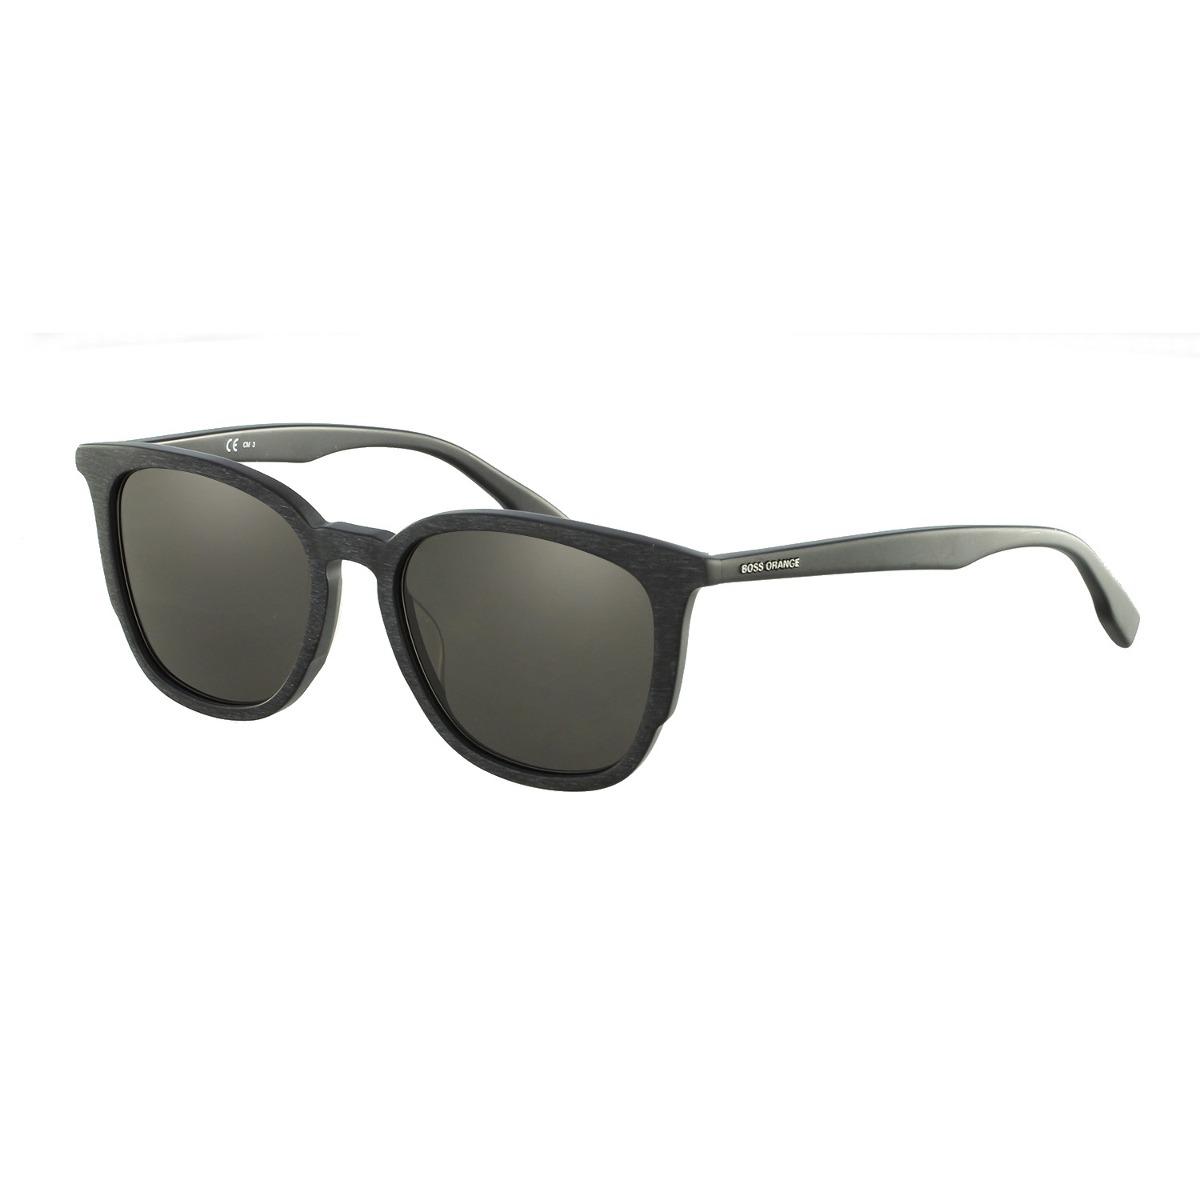 Óculos De Sol Boss Orange Casual Preto - R  449,00 em Mercado Livre 64f05da6a0